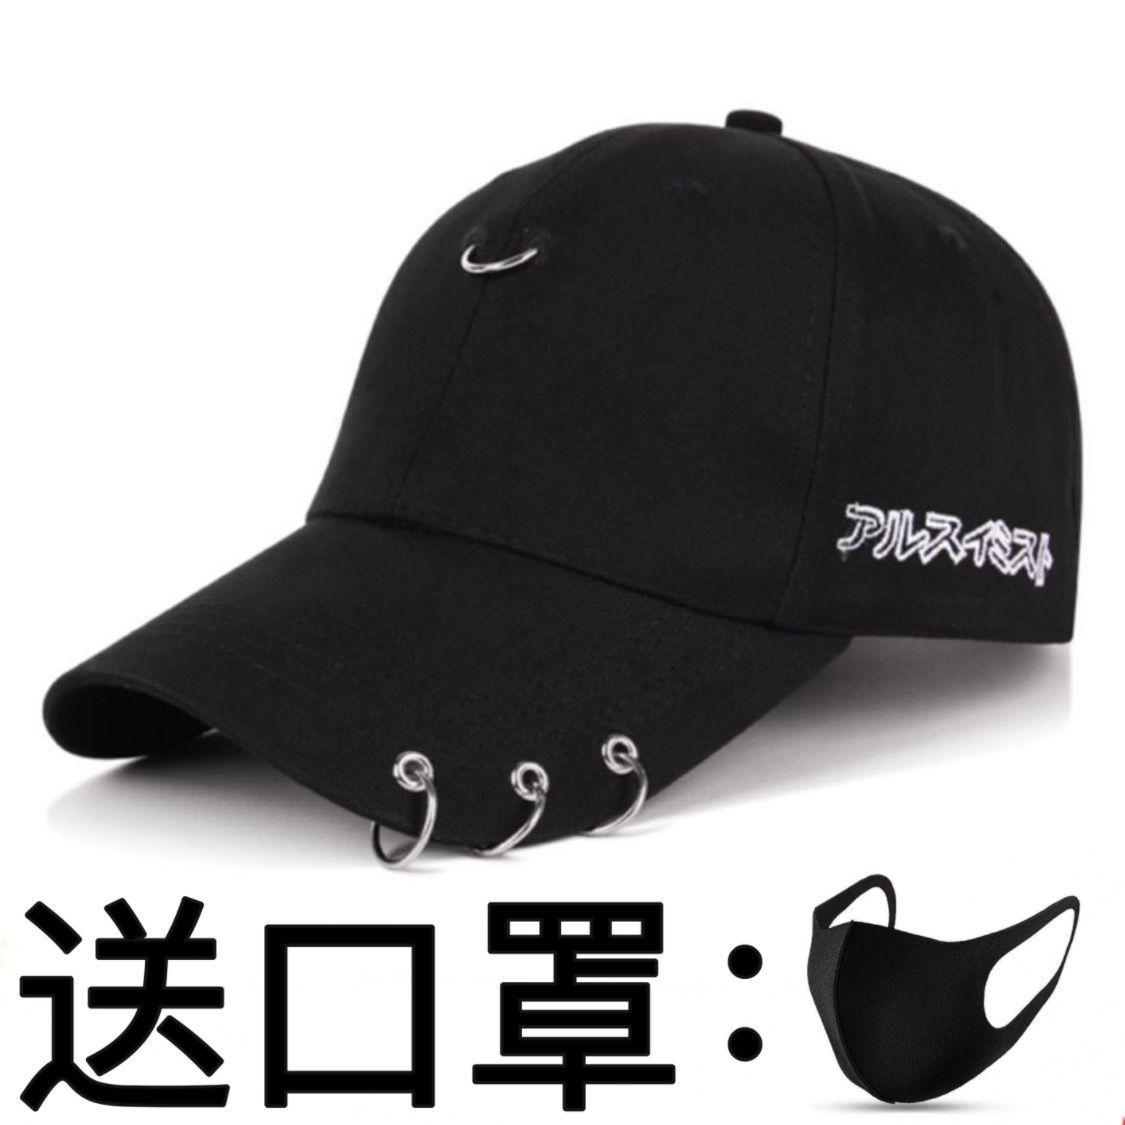 75754-帽子男潮鸭舌帽韩版男士夏季太阳帽黑色ins潮牌女休闲百搭棒球帽-详情图